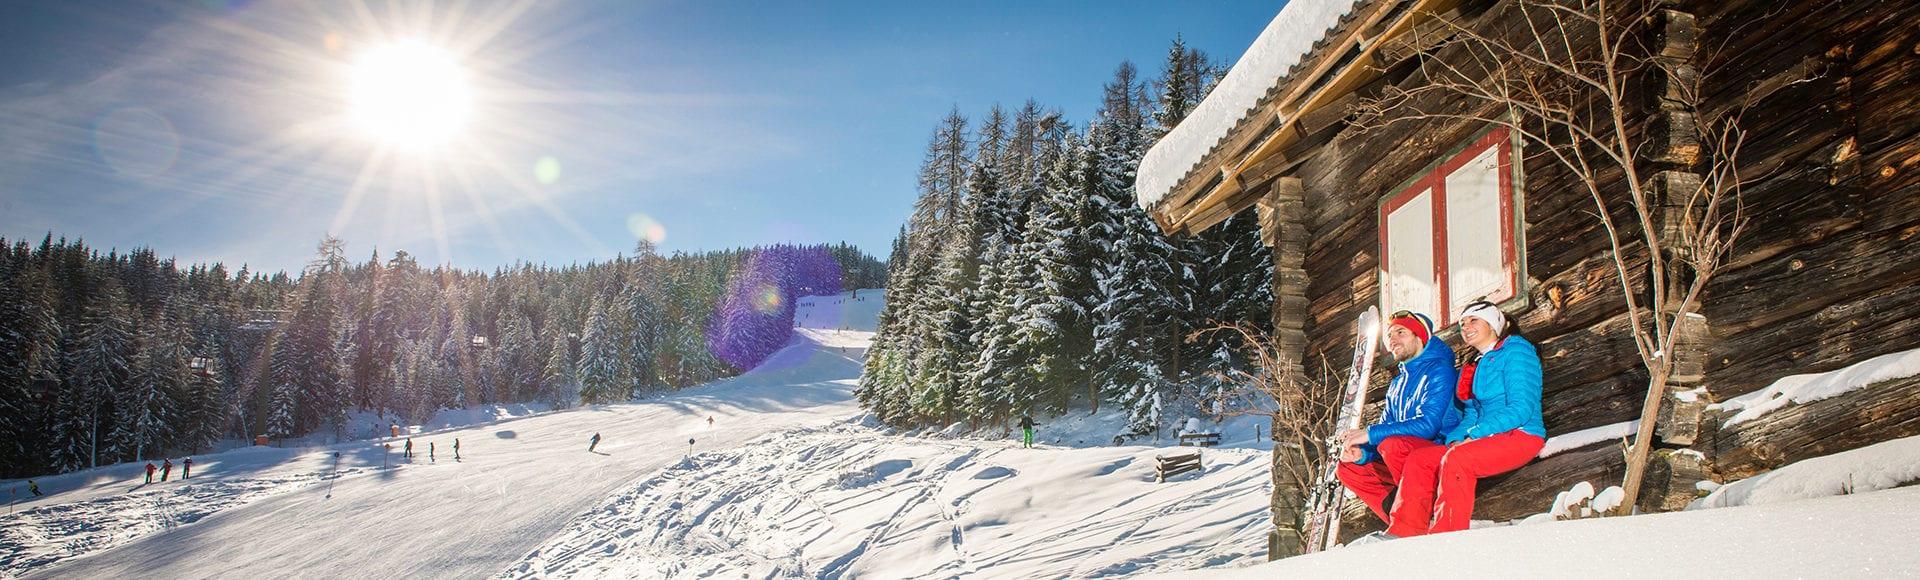 Winterpauschalen Radstadt Tourismus Lorenz Masser